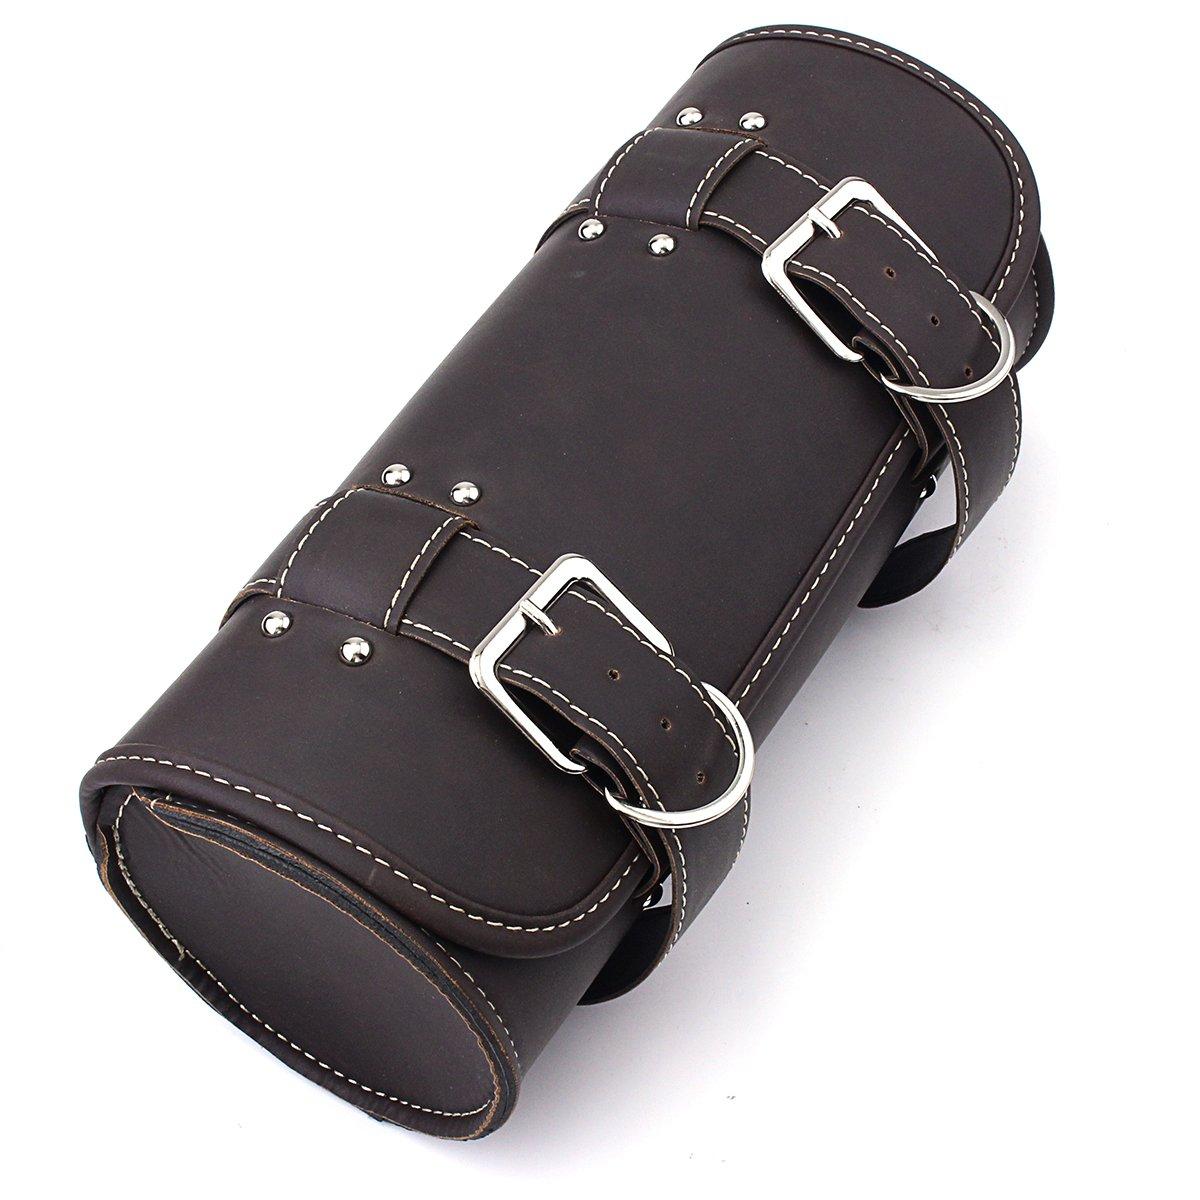 Black Baoblaze 2X Universal Motorcycle Leather Side Saddle Bag Storage Pouch for Harley Yamaha Honda